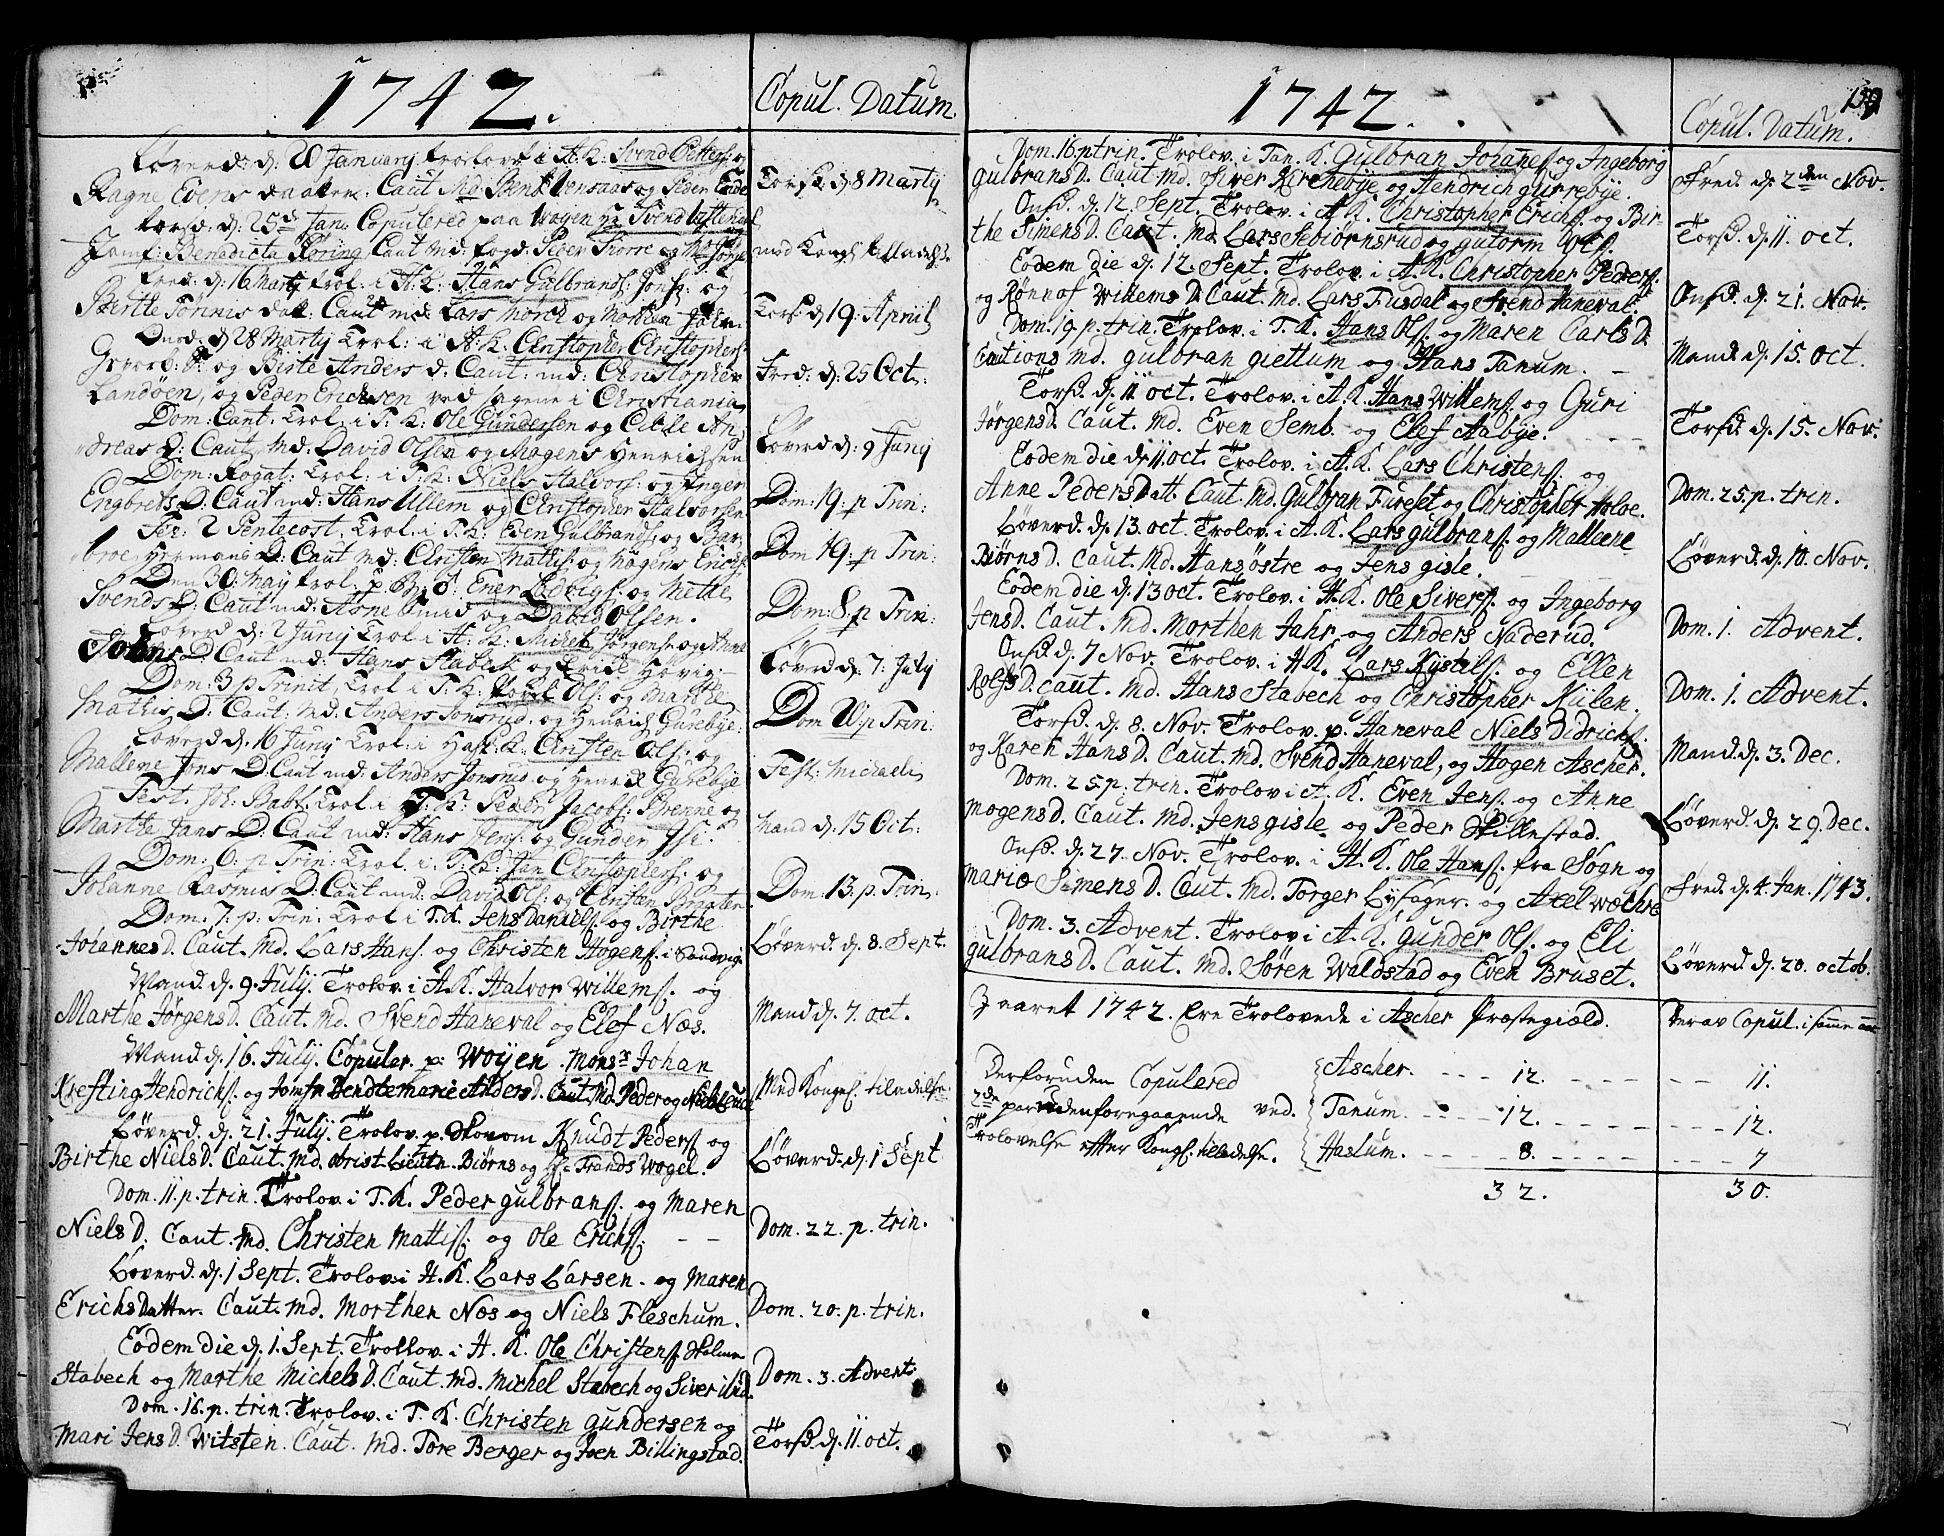 SAO, Asker prestekontor Kirkebøker, F/Fa/L0002: Ministerialbok nr. I 2, 1733-1766, s. 159